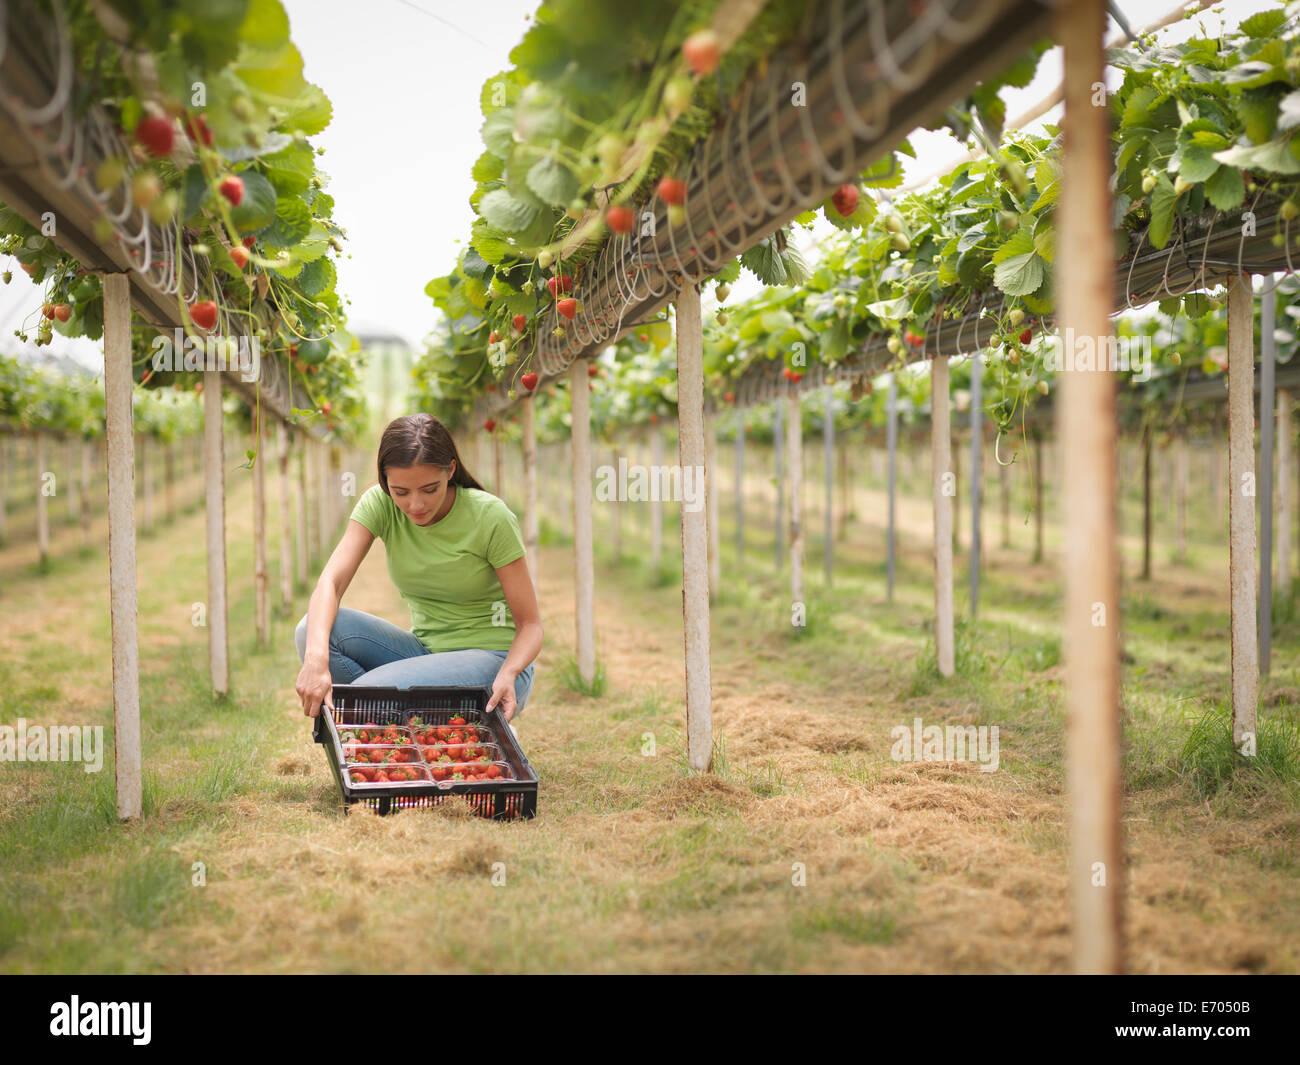 Arbeiter im Folientunnel Obsthof Erdbeeren pflücken Stockbild